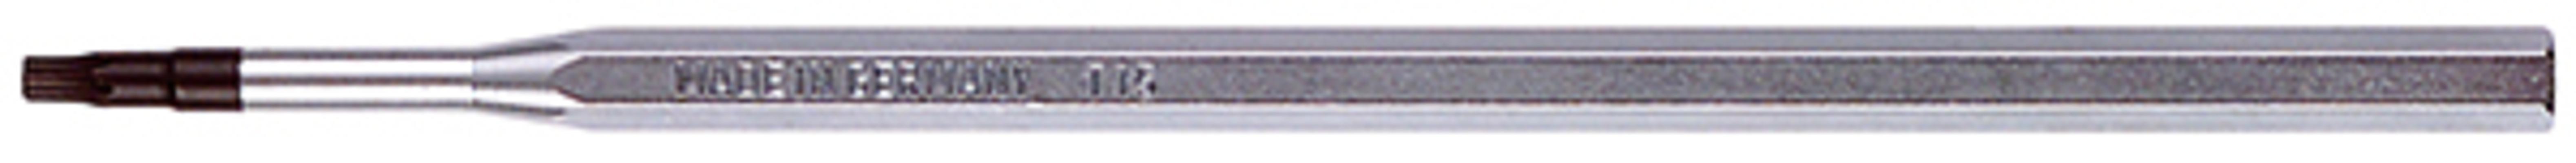 Momentti ruuvitaltankärki 4,0 x 0,8mm - Momentti ruuvitaltankärki 4,0 x 0,8mm